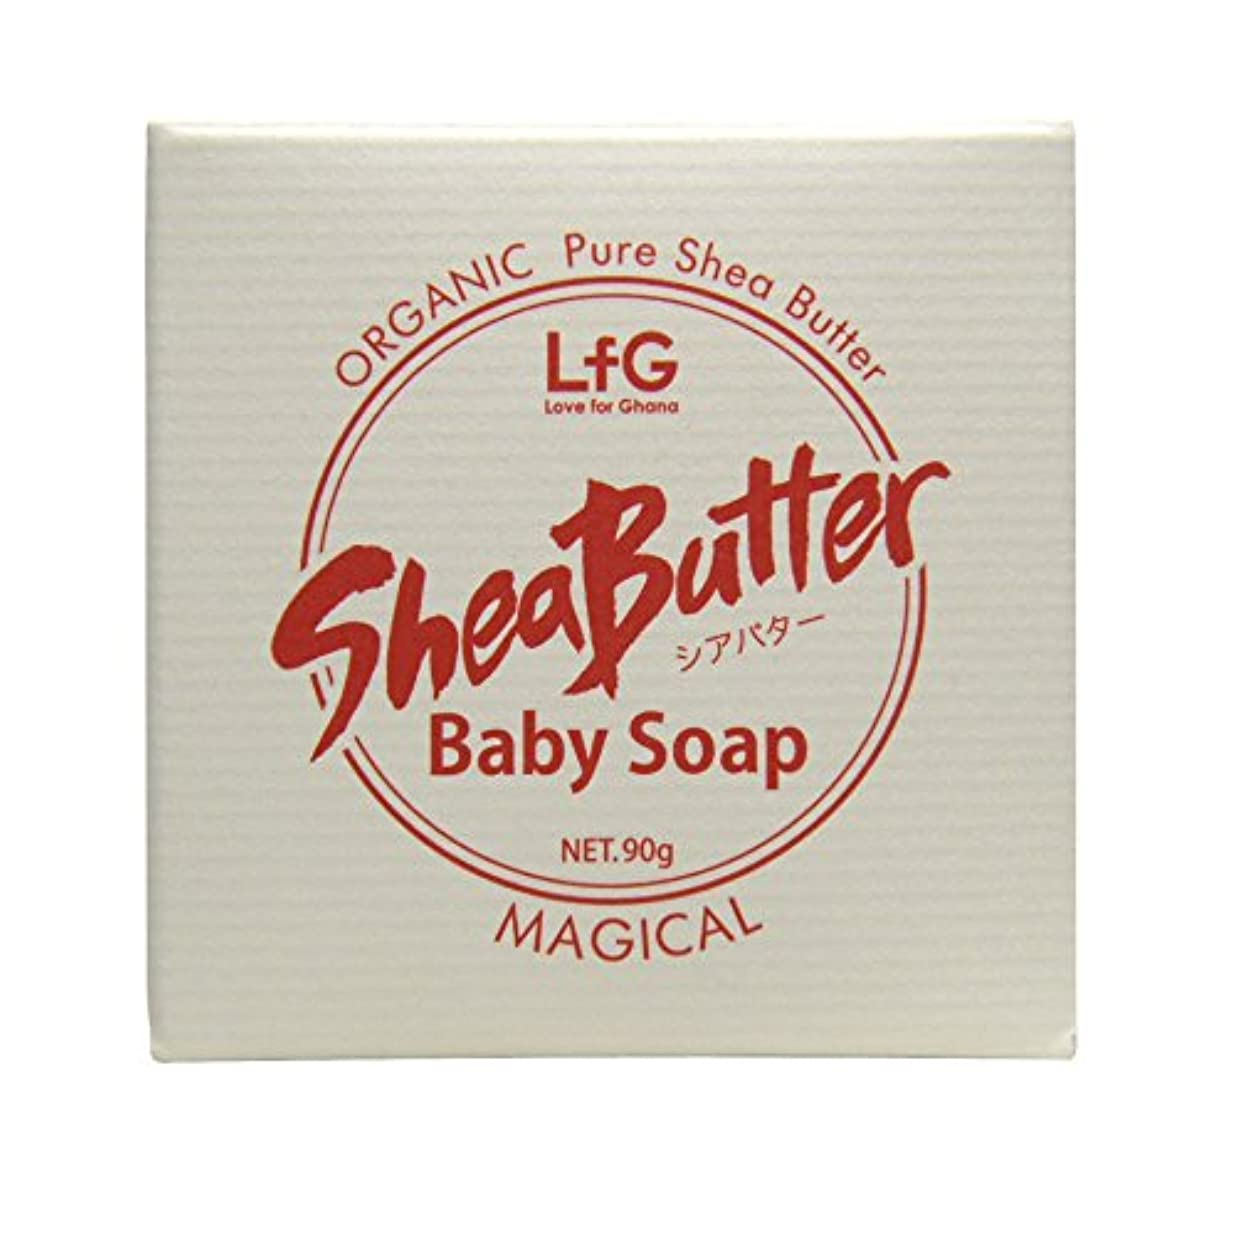 泣き叫ぶあなたは声を出してマジカル シアバターベビーソープ 保湿石鹸 90g